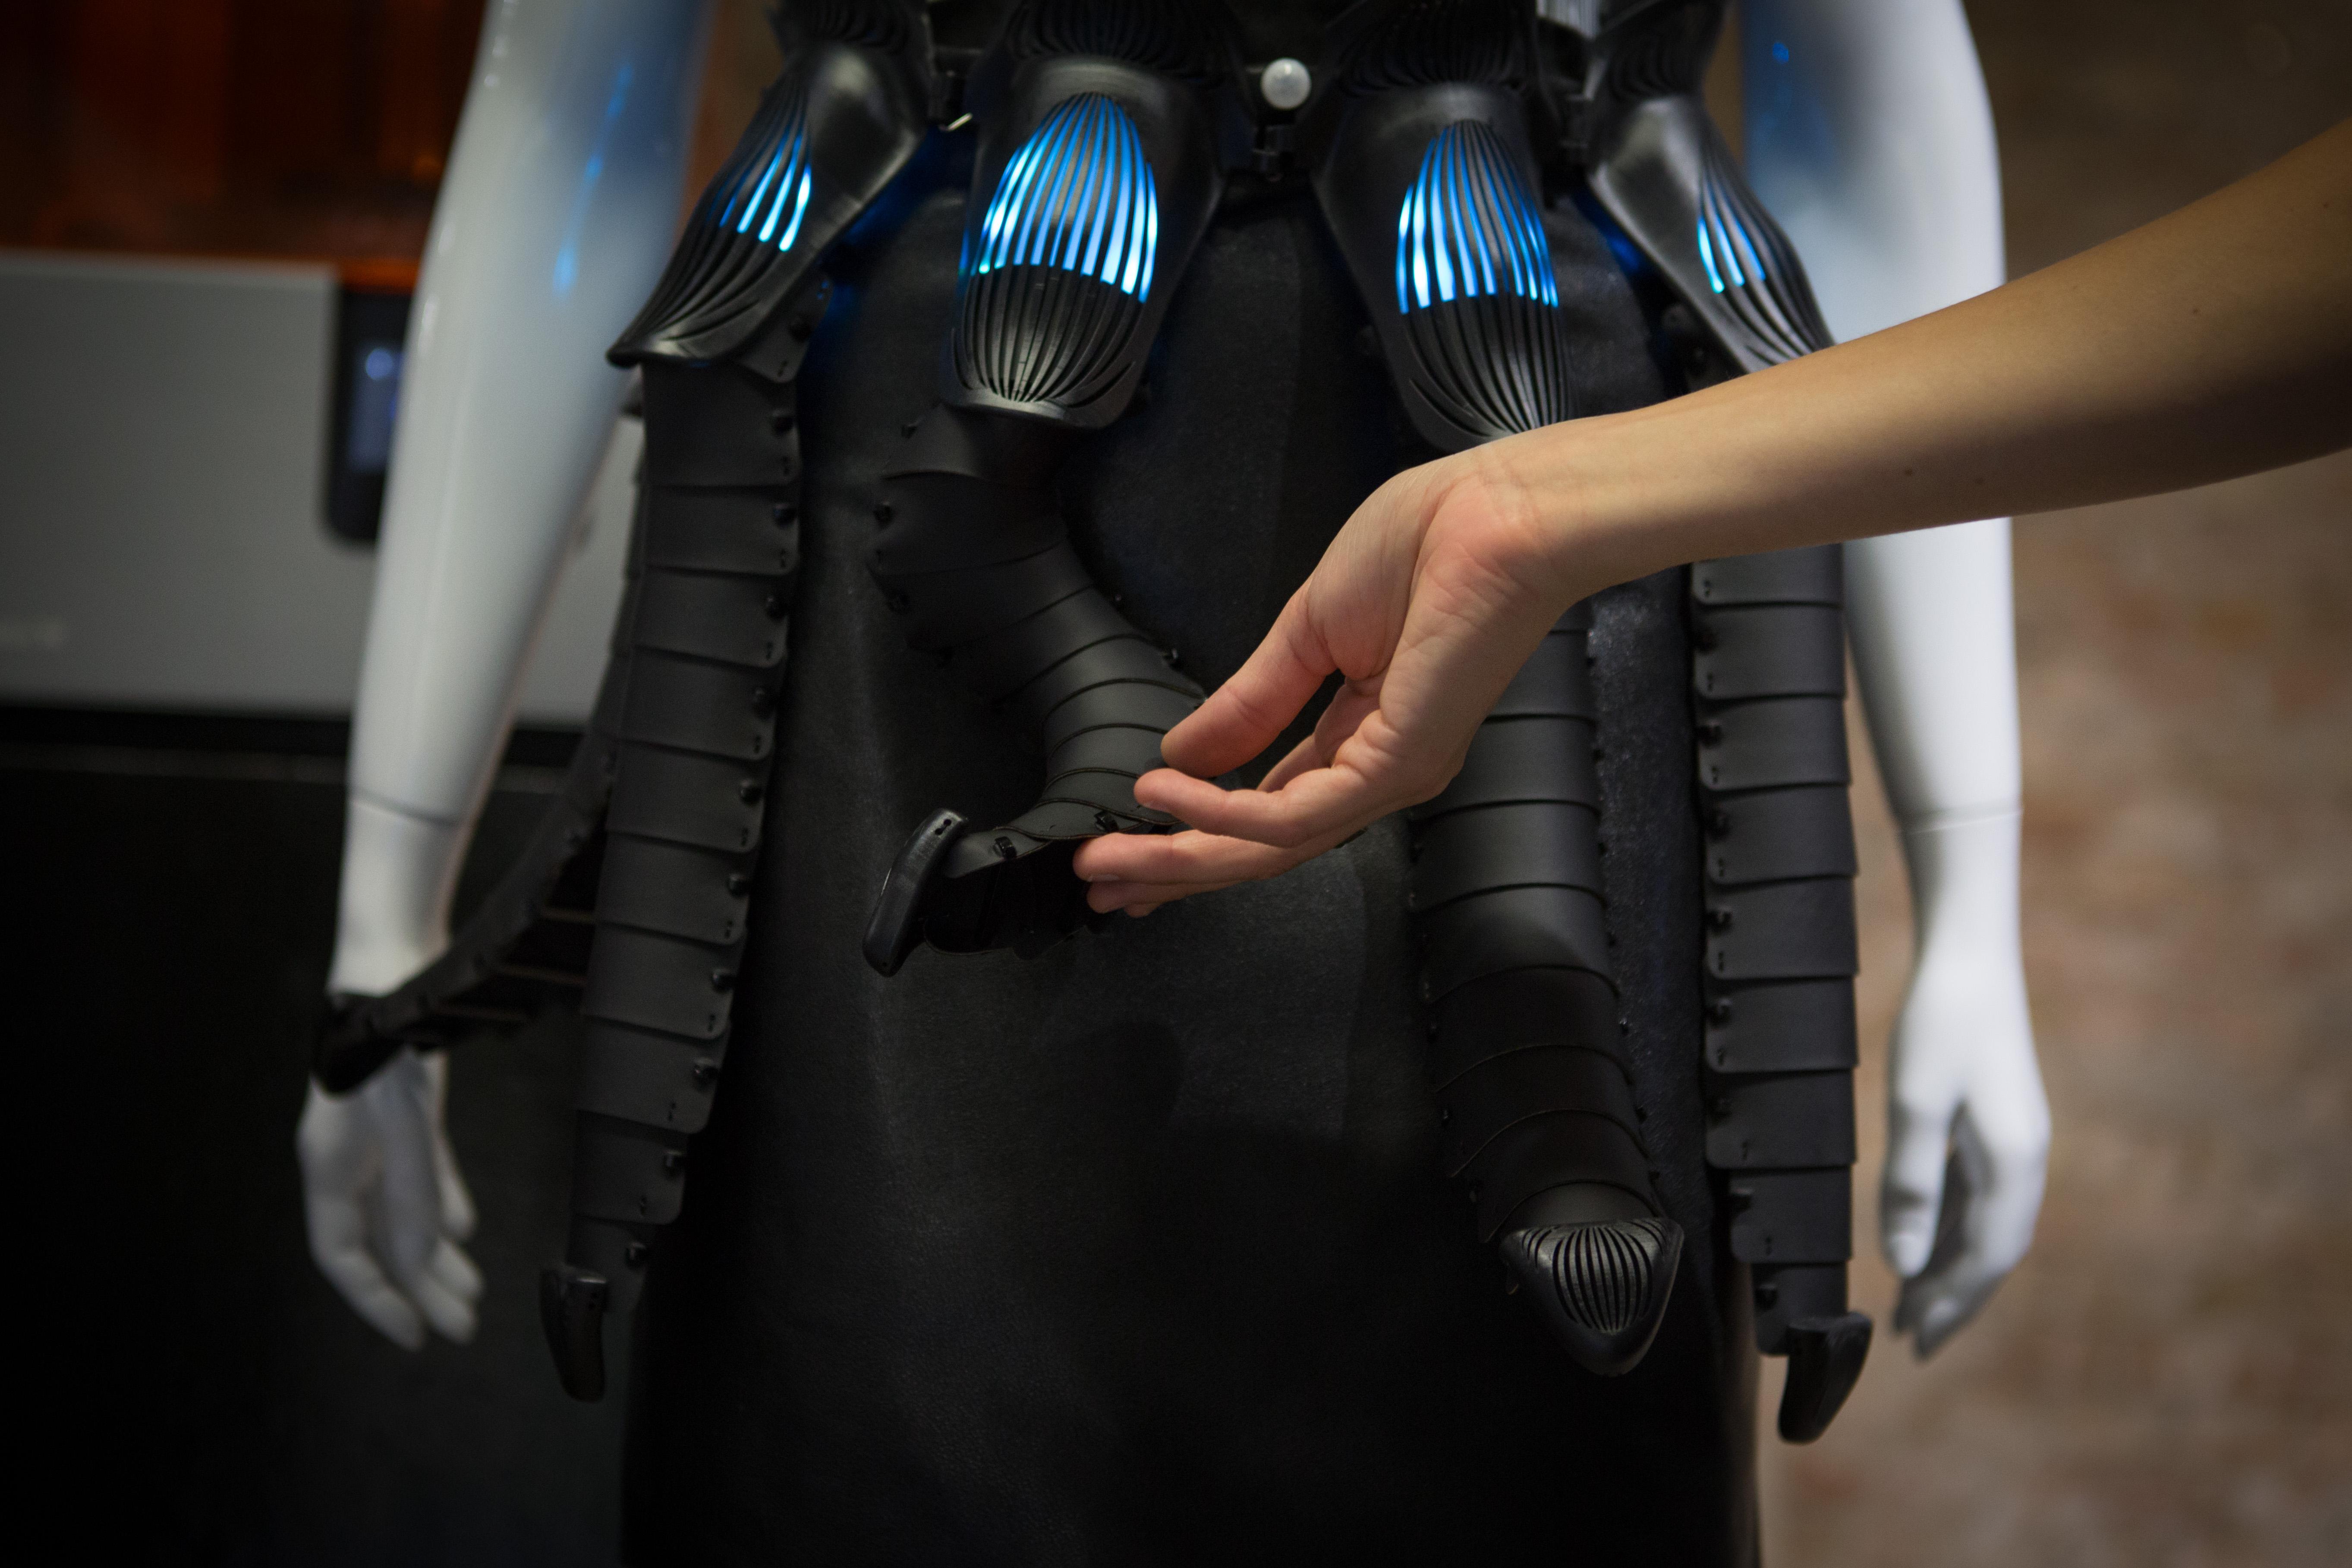 Das Parallax Dress verbindet das Konzept Artifical Intelligence mit hochpräziser Technologie: Die 3D-gedruckten Gehäuse am Gürtel bergen Infrarotsensoren, Motoren und Microcontroller für die umgebungsabhängige Bewegung.